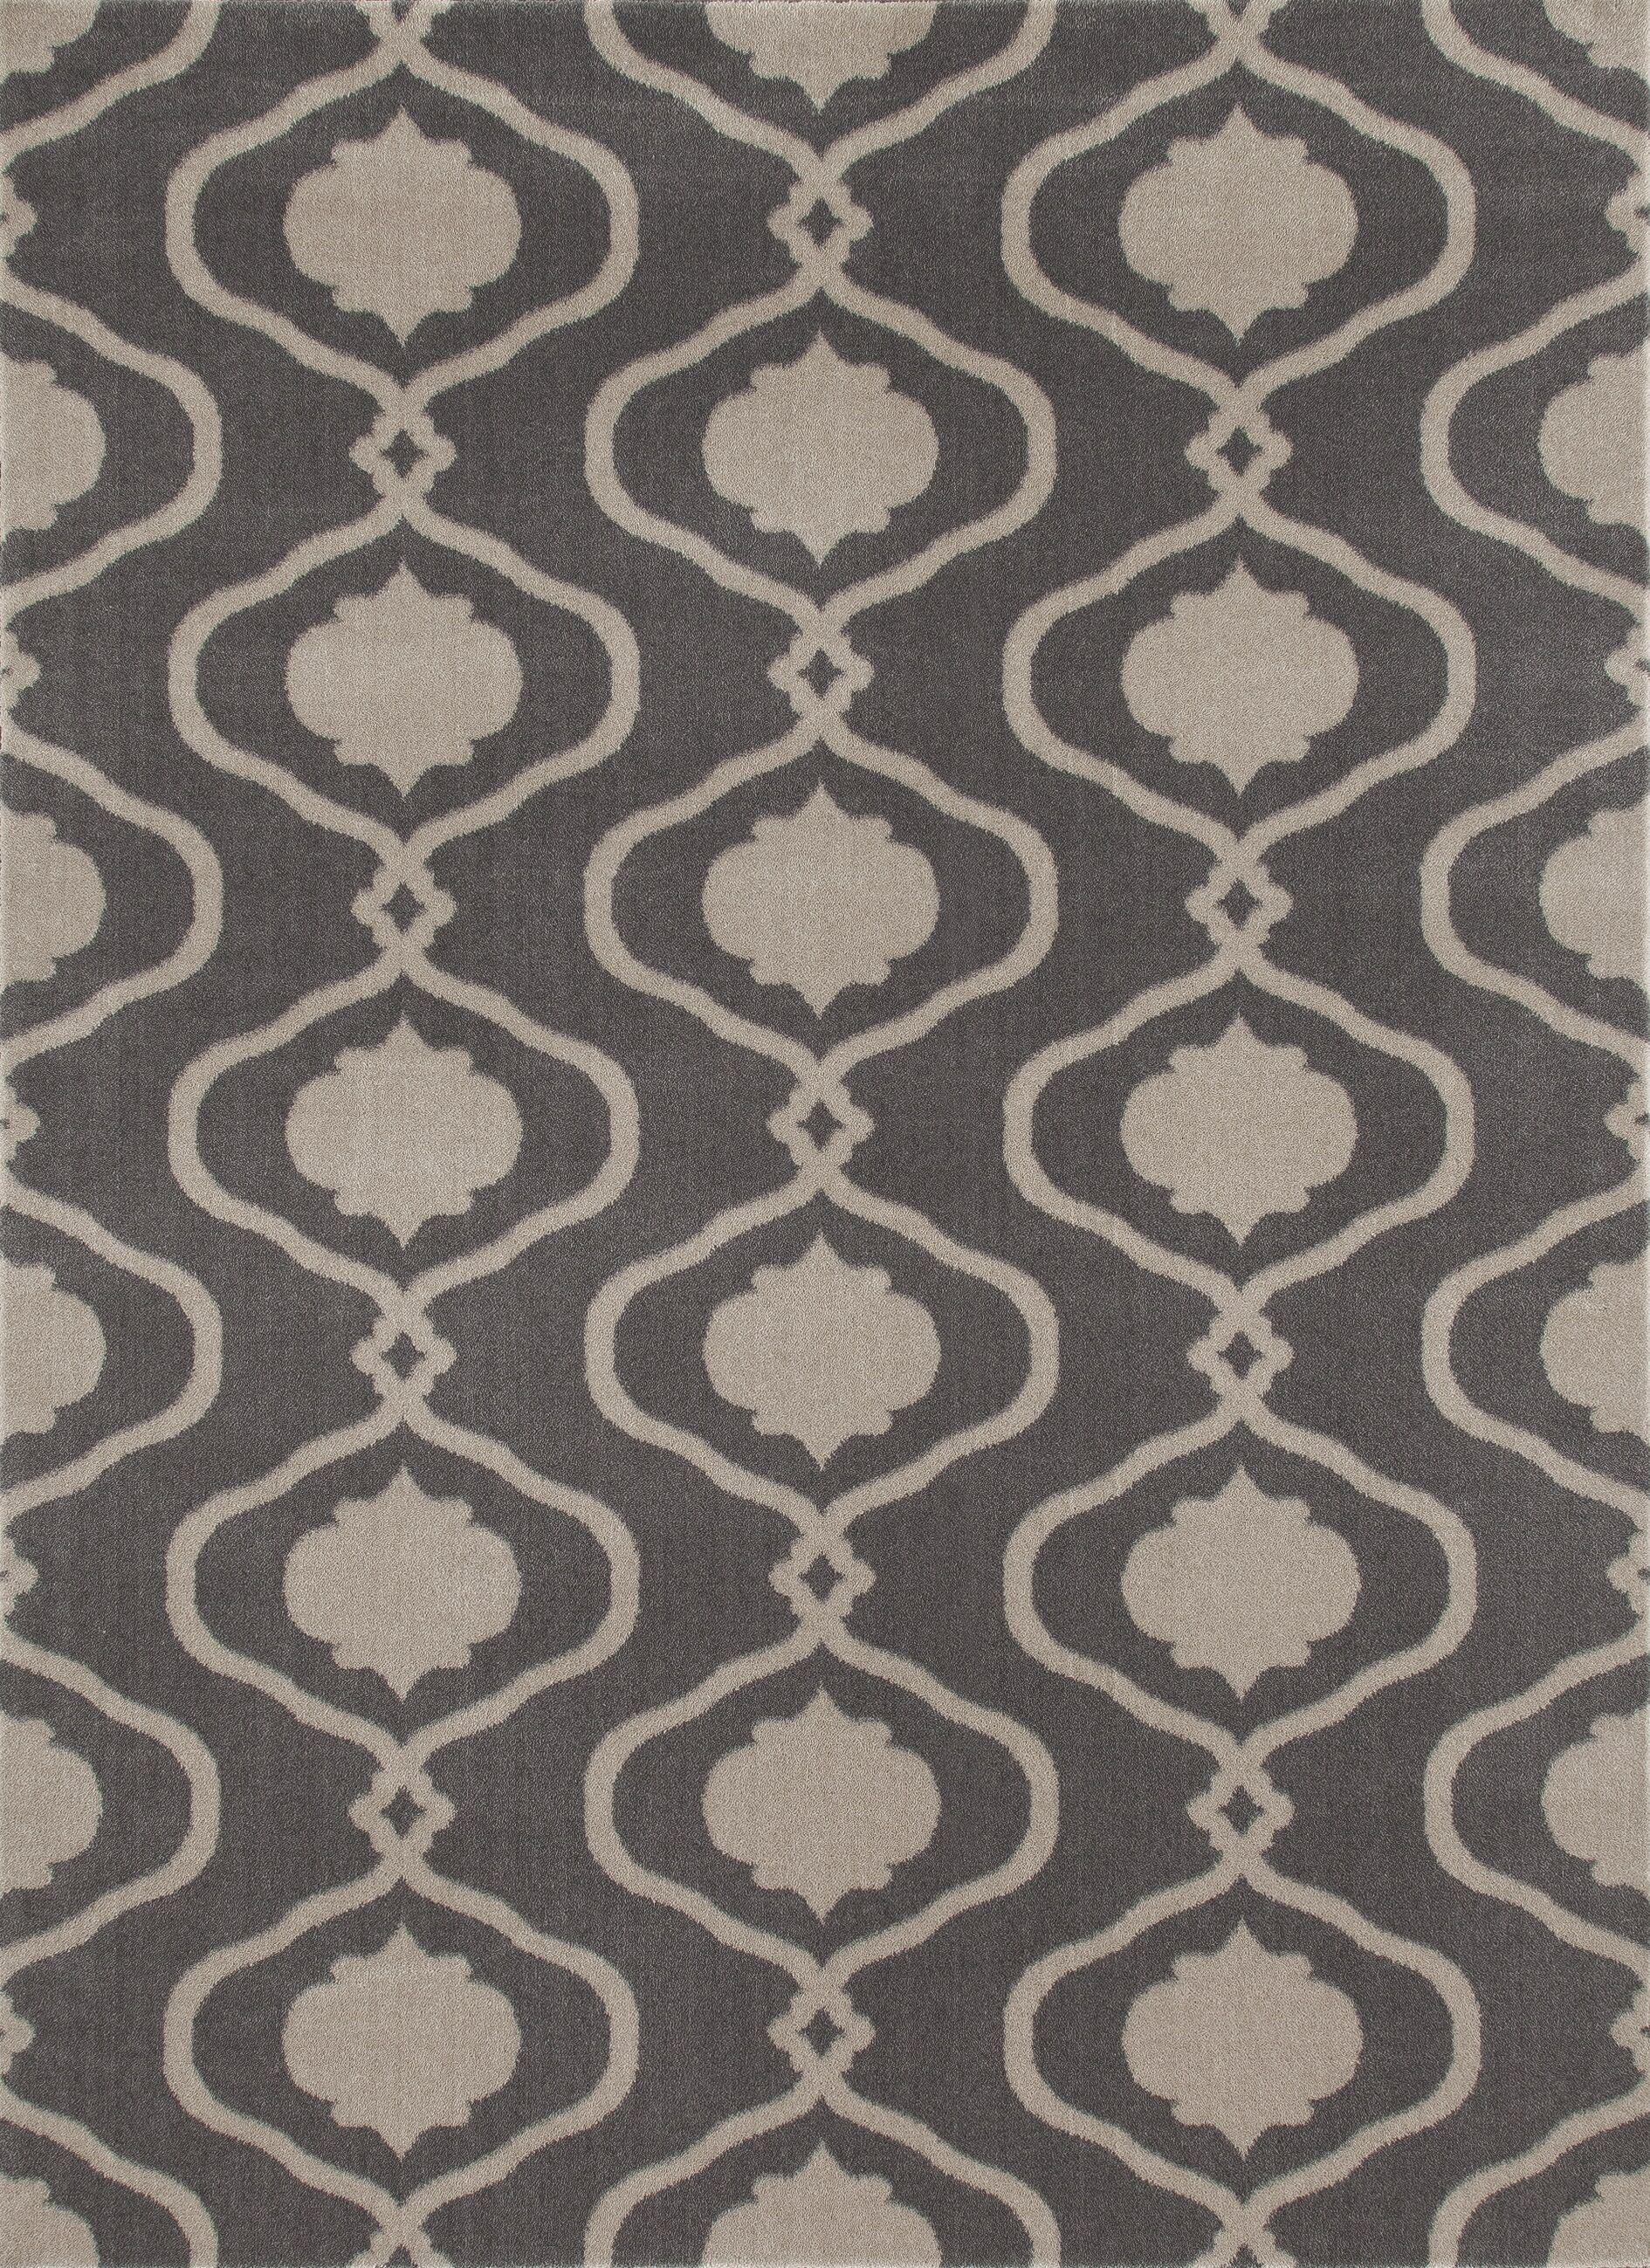 Coffman Gray Area Rug Rug Size: Rectangle 9' x 12'